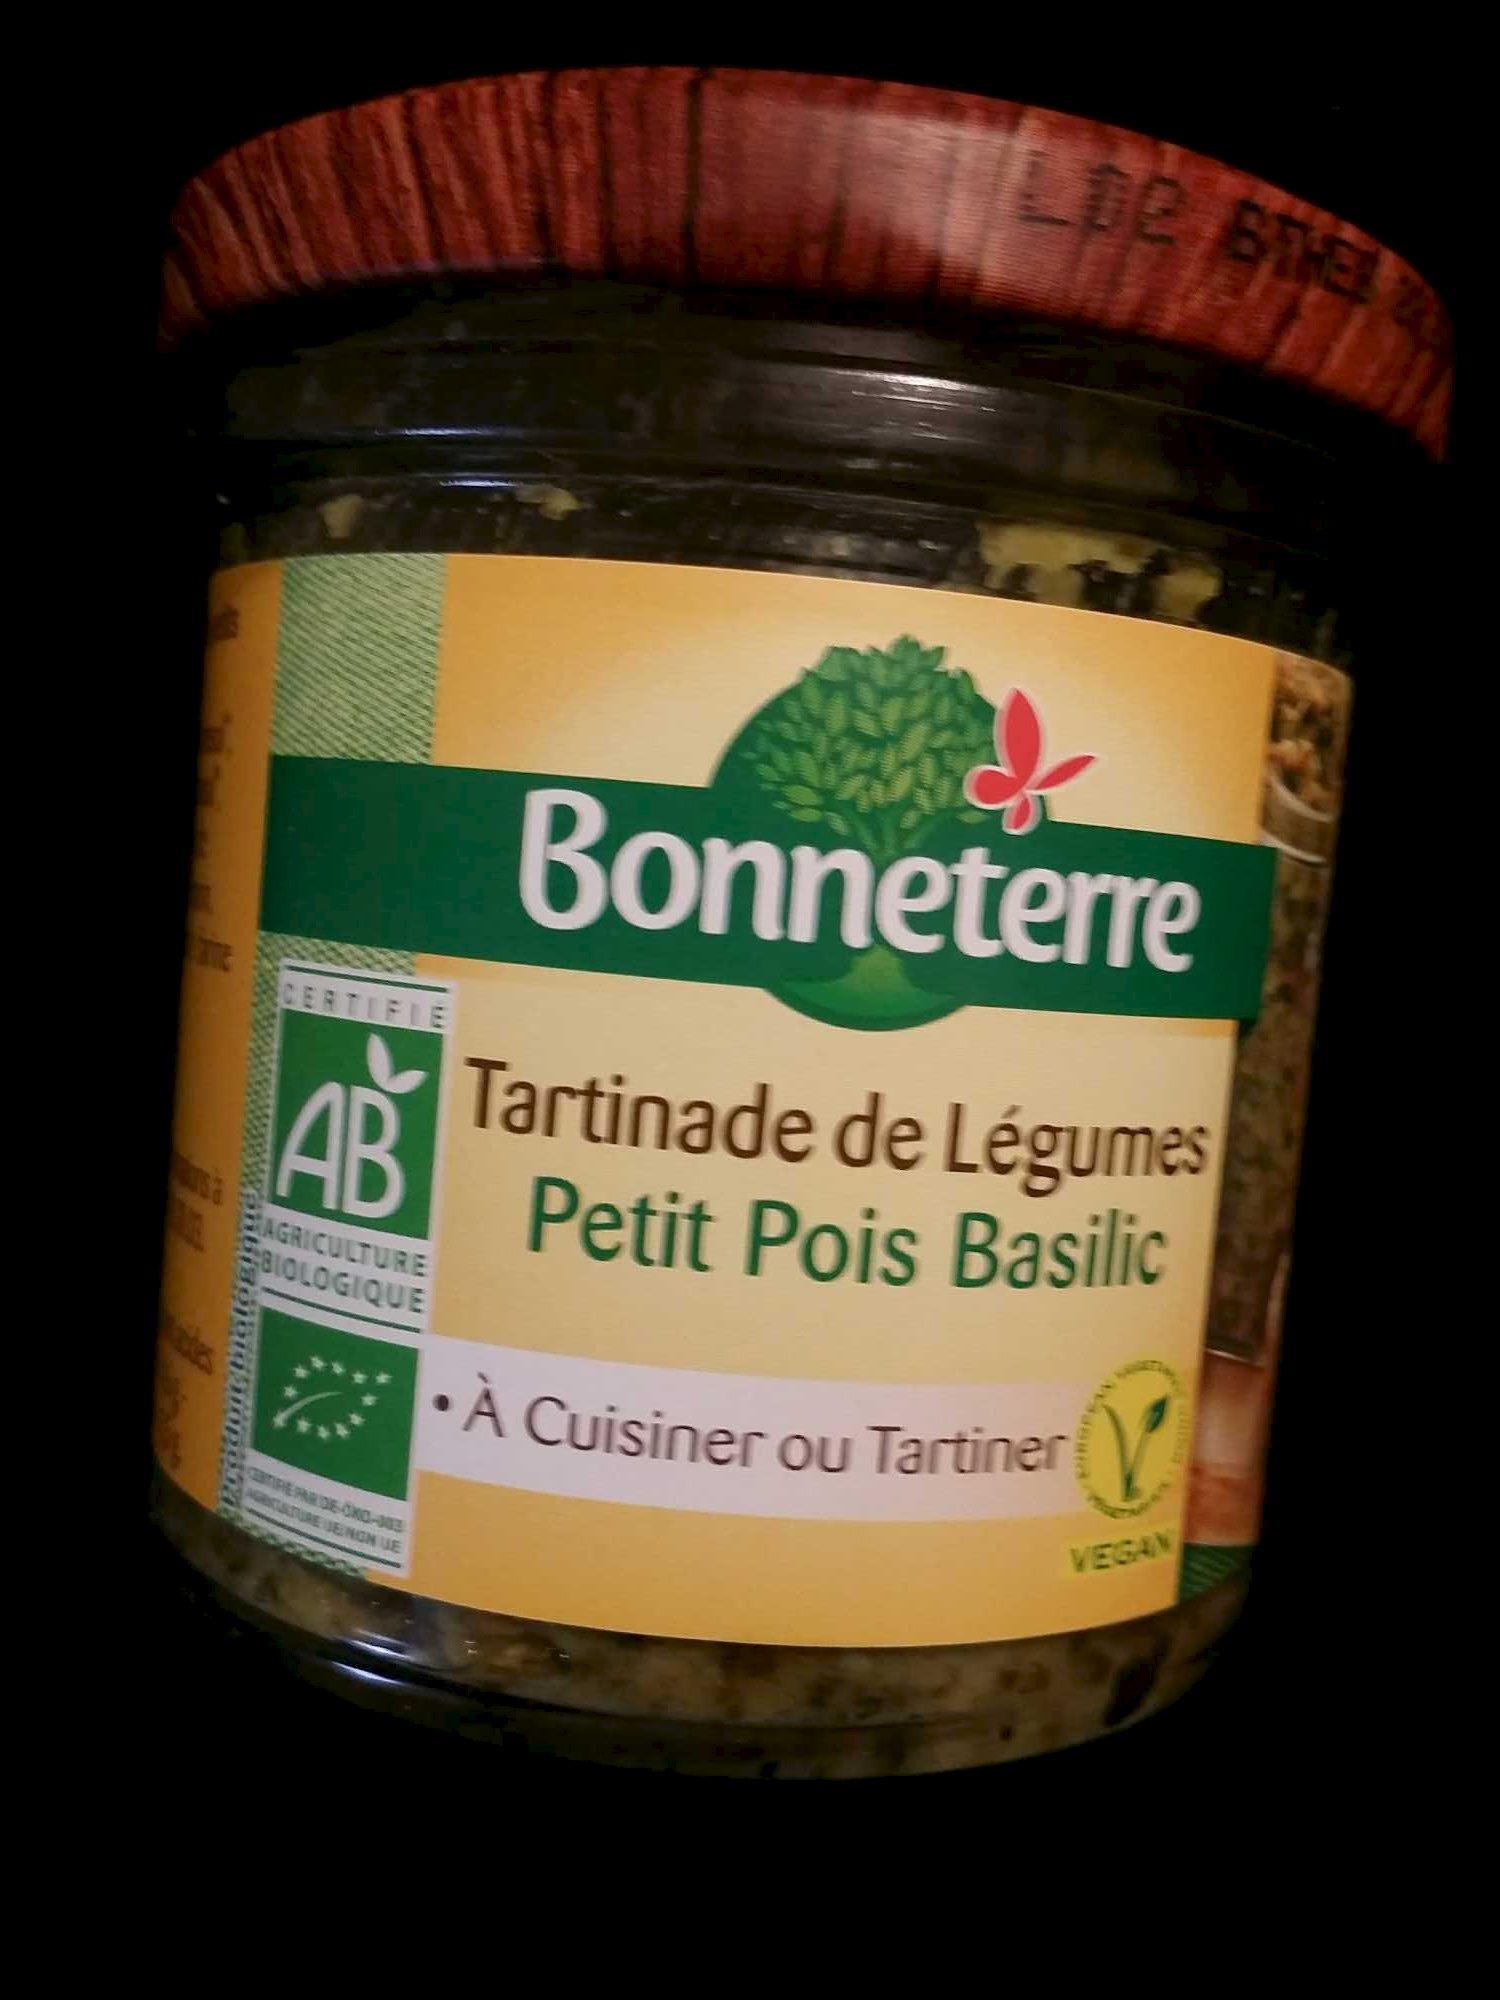 Tartinade de légumes Petits Pois Basilic - Produit